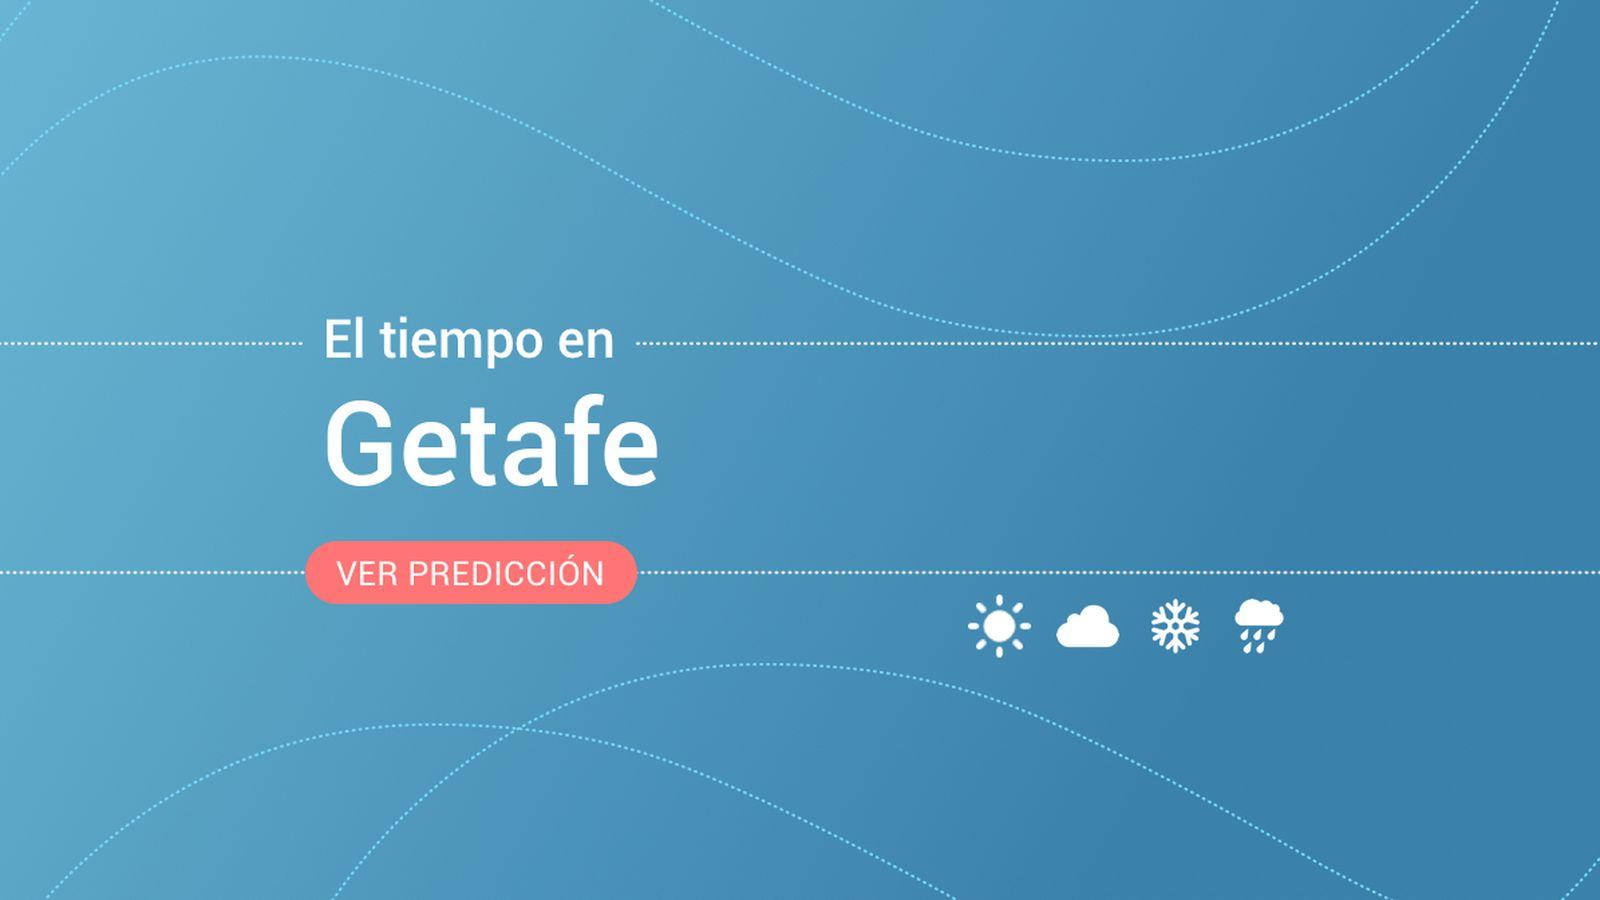 Foto: El tiempo en Getafe. (EC)